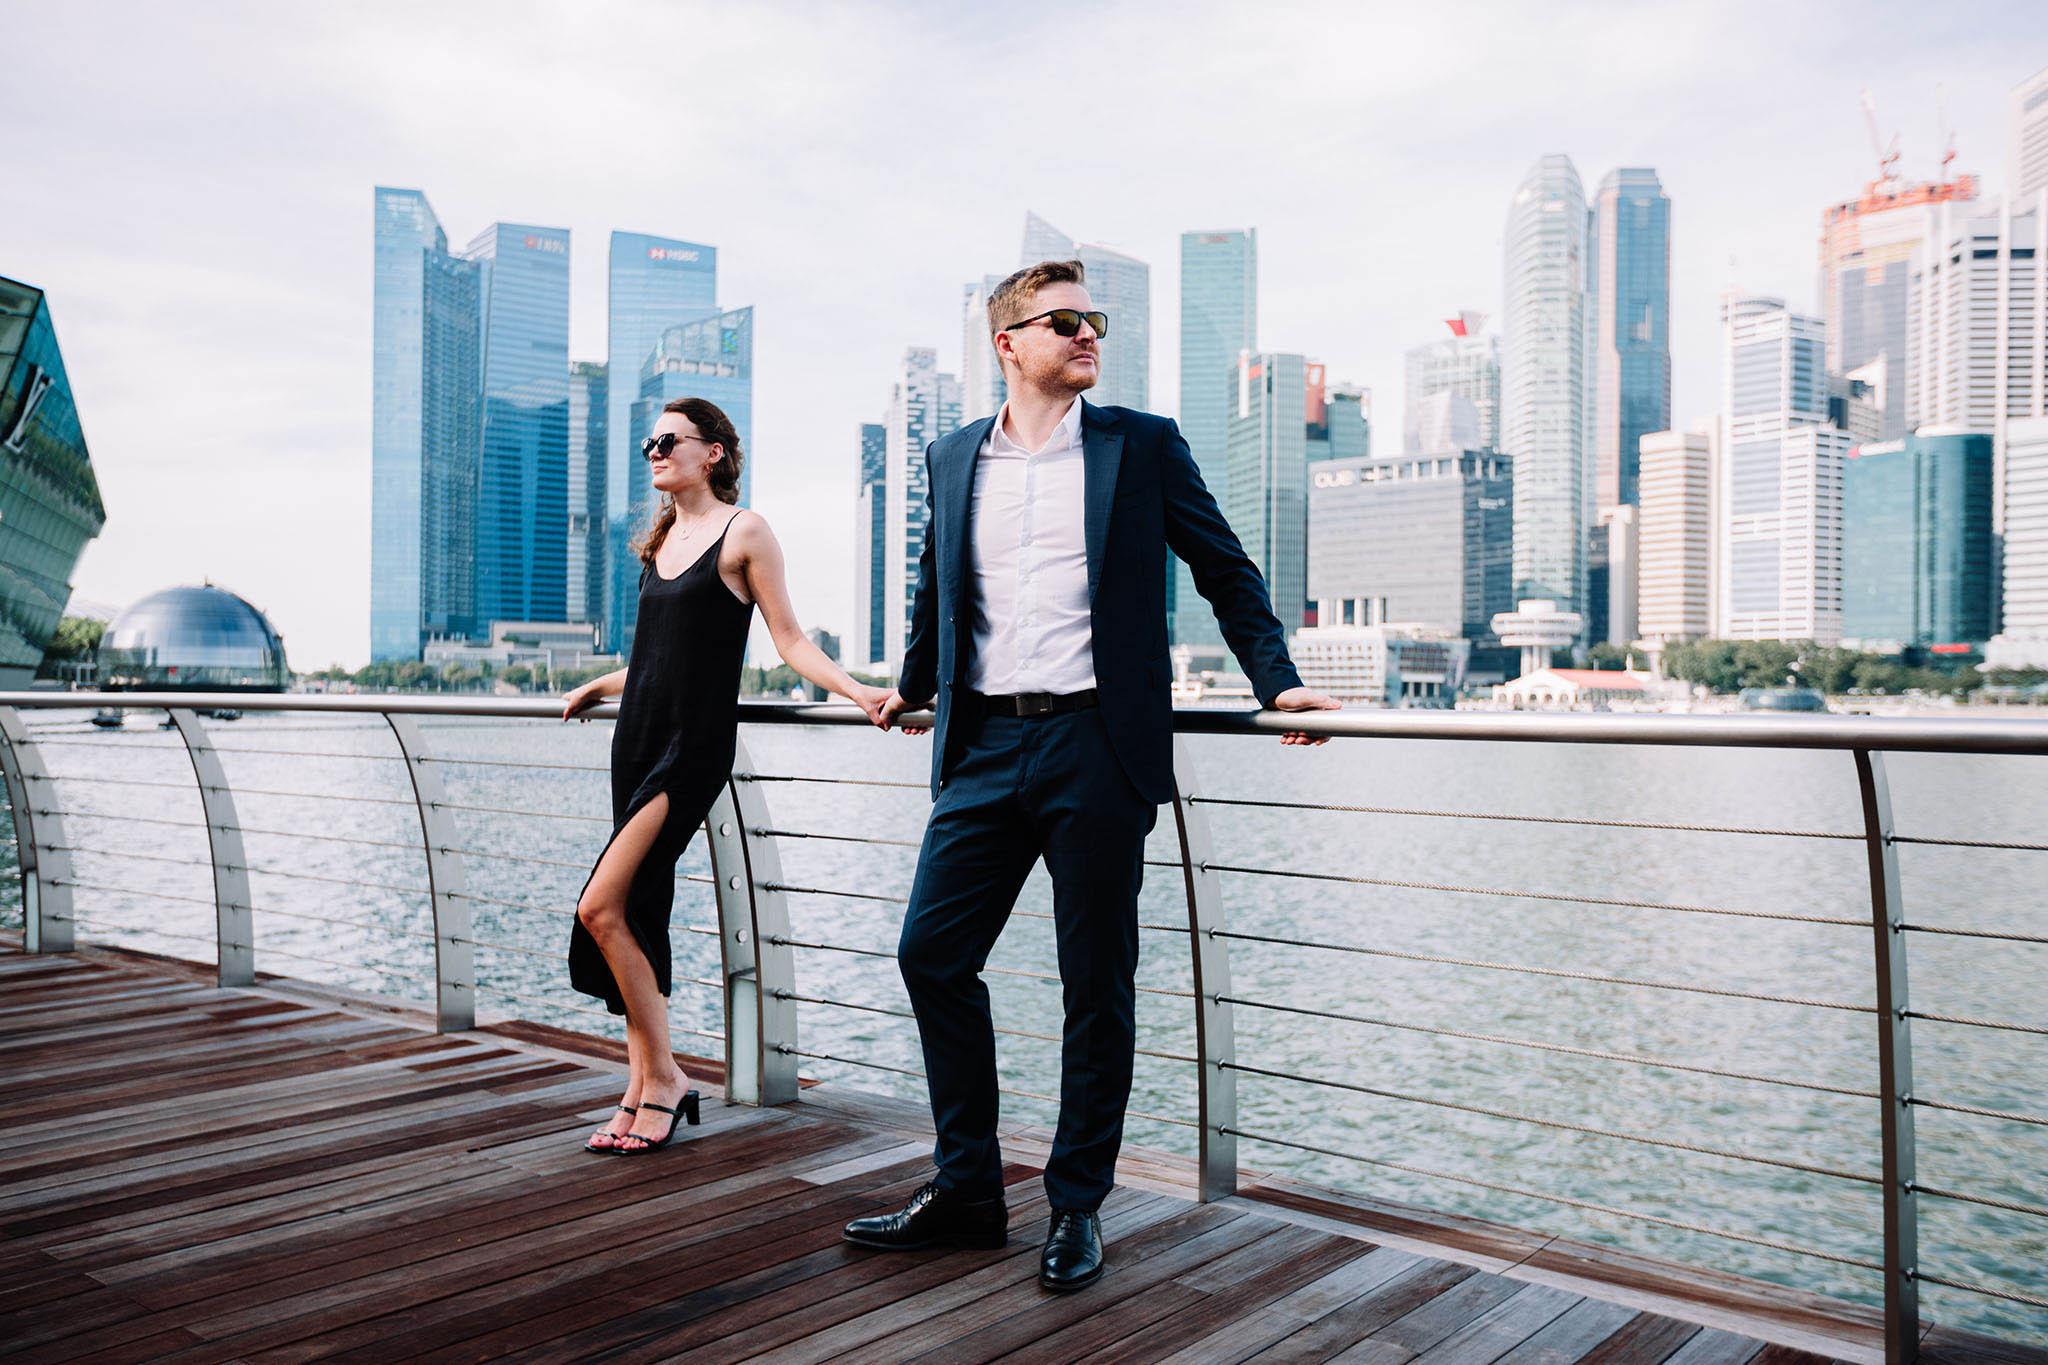 outdoor-couple-photography-darek-agata-4